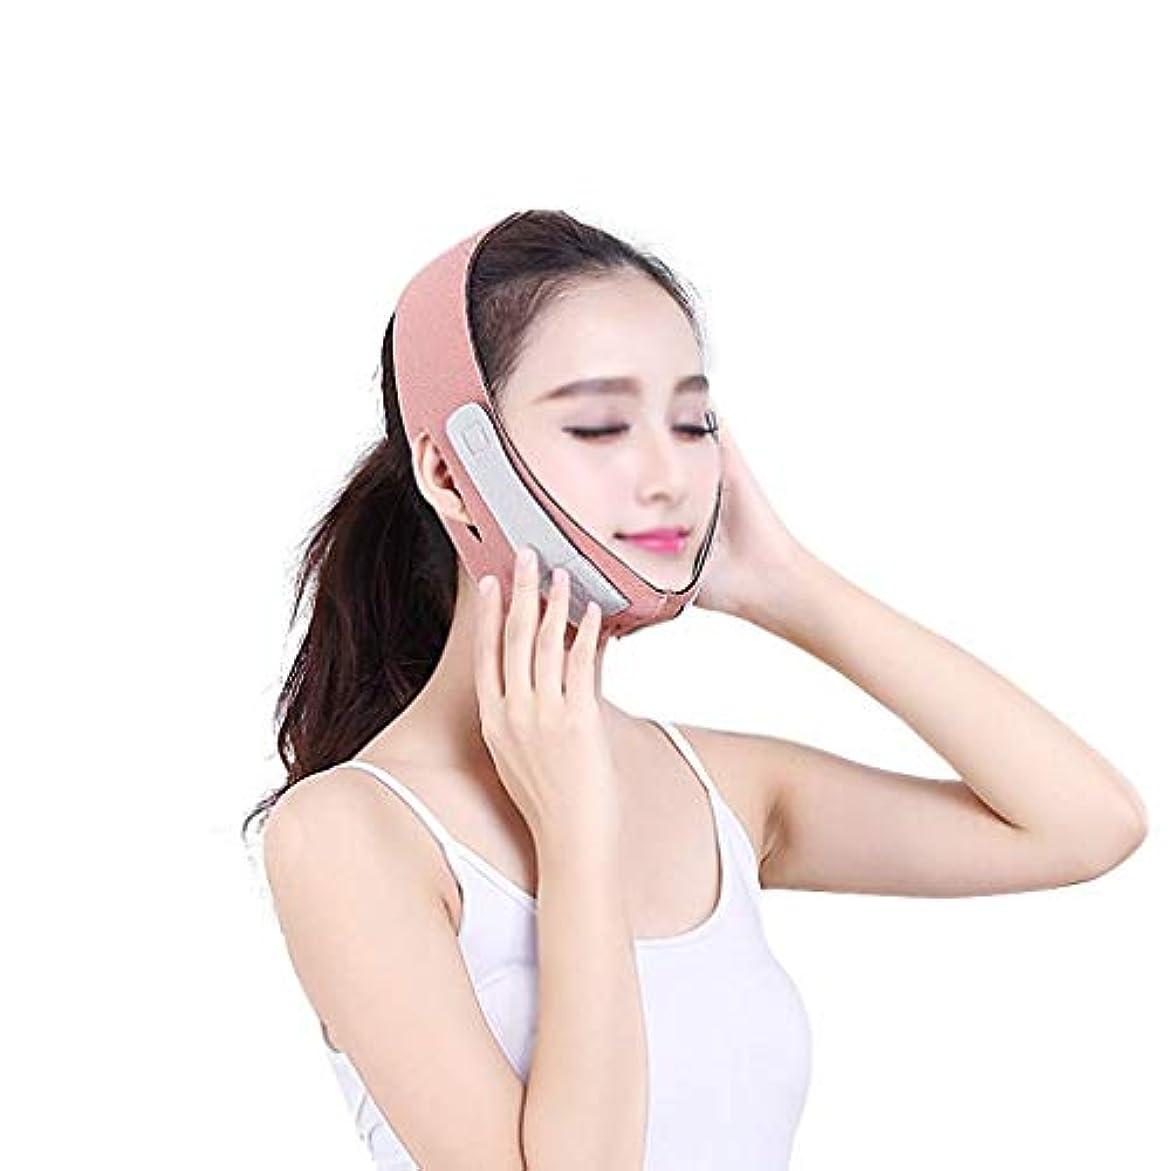 処方する寂しい検出可能フェイシャルリフティングスリミングベルト、フェイスリフティングマスク、フェイシャル減量マスク、ダブルチンケア減量(フリーサイズ、オレンジ)